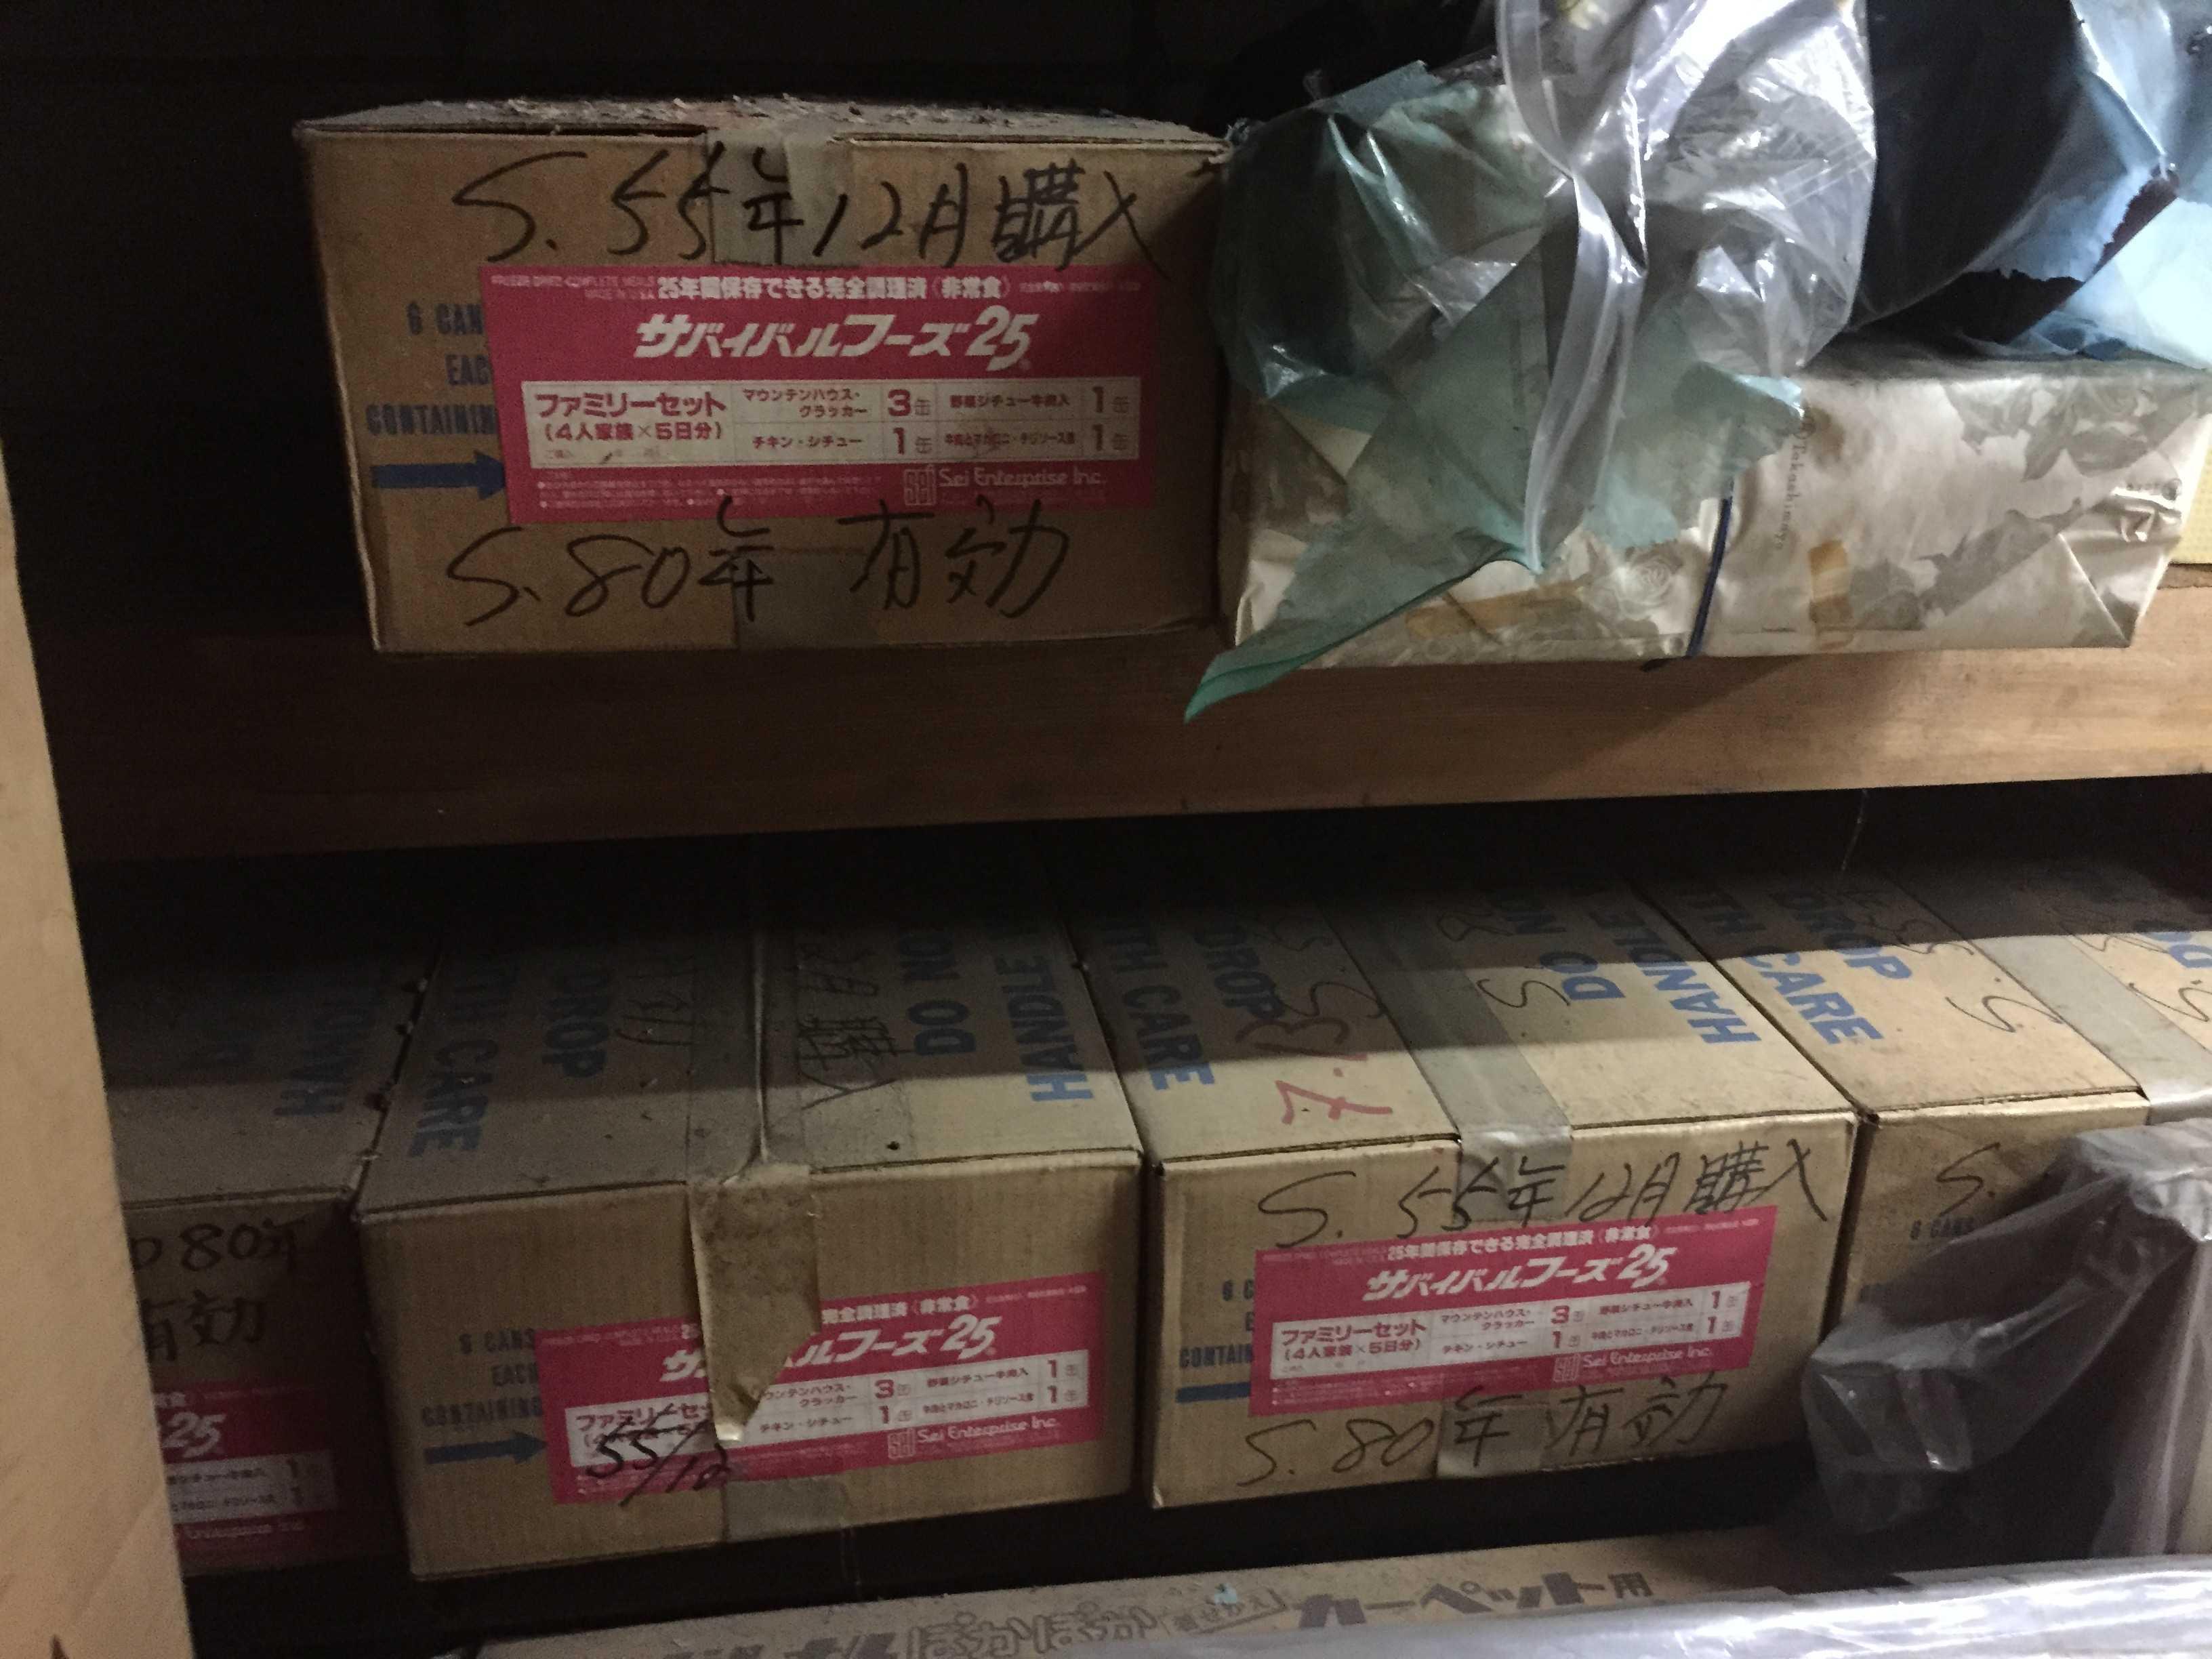 昭和55年12月購入、昭和80年有効のサバイバルフーズ25